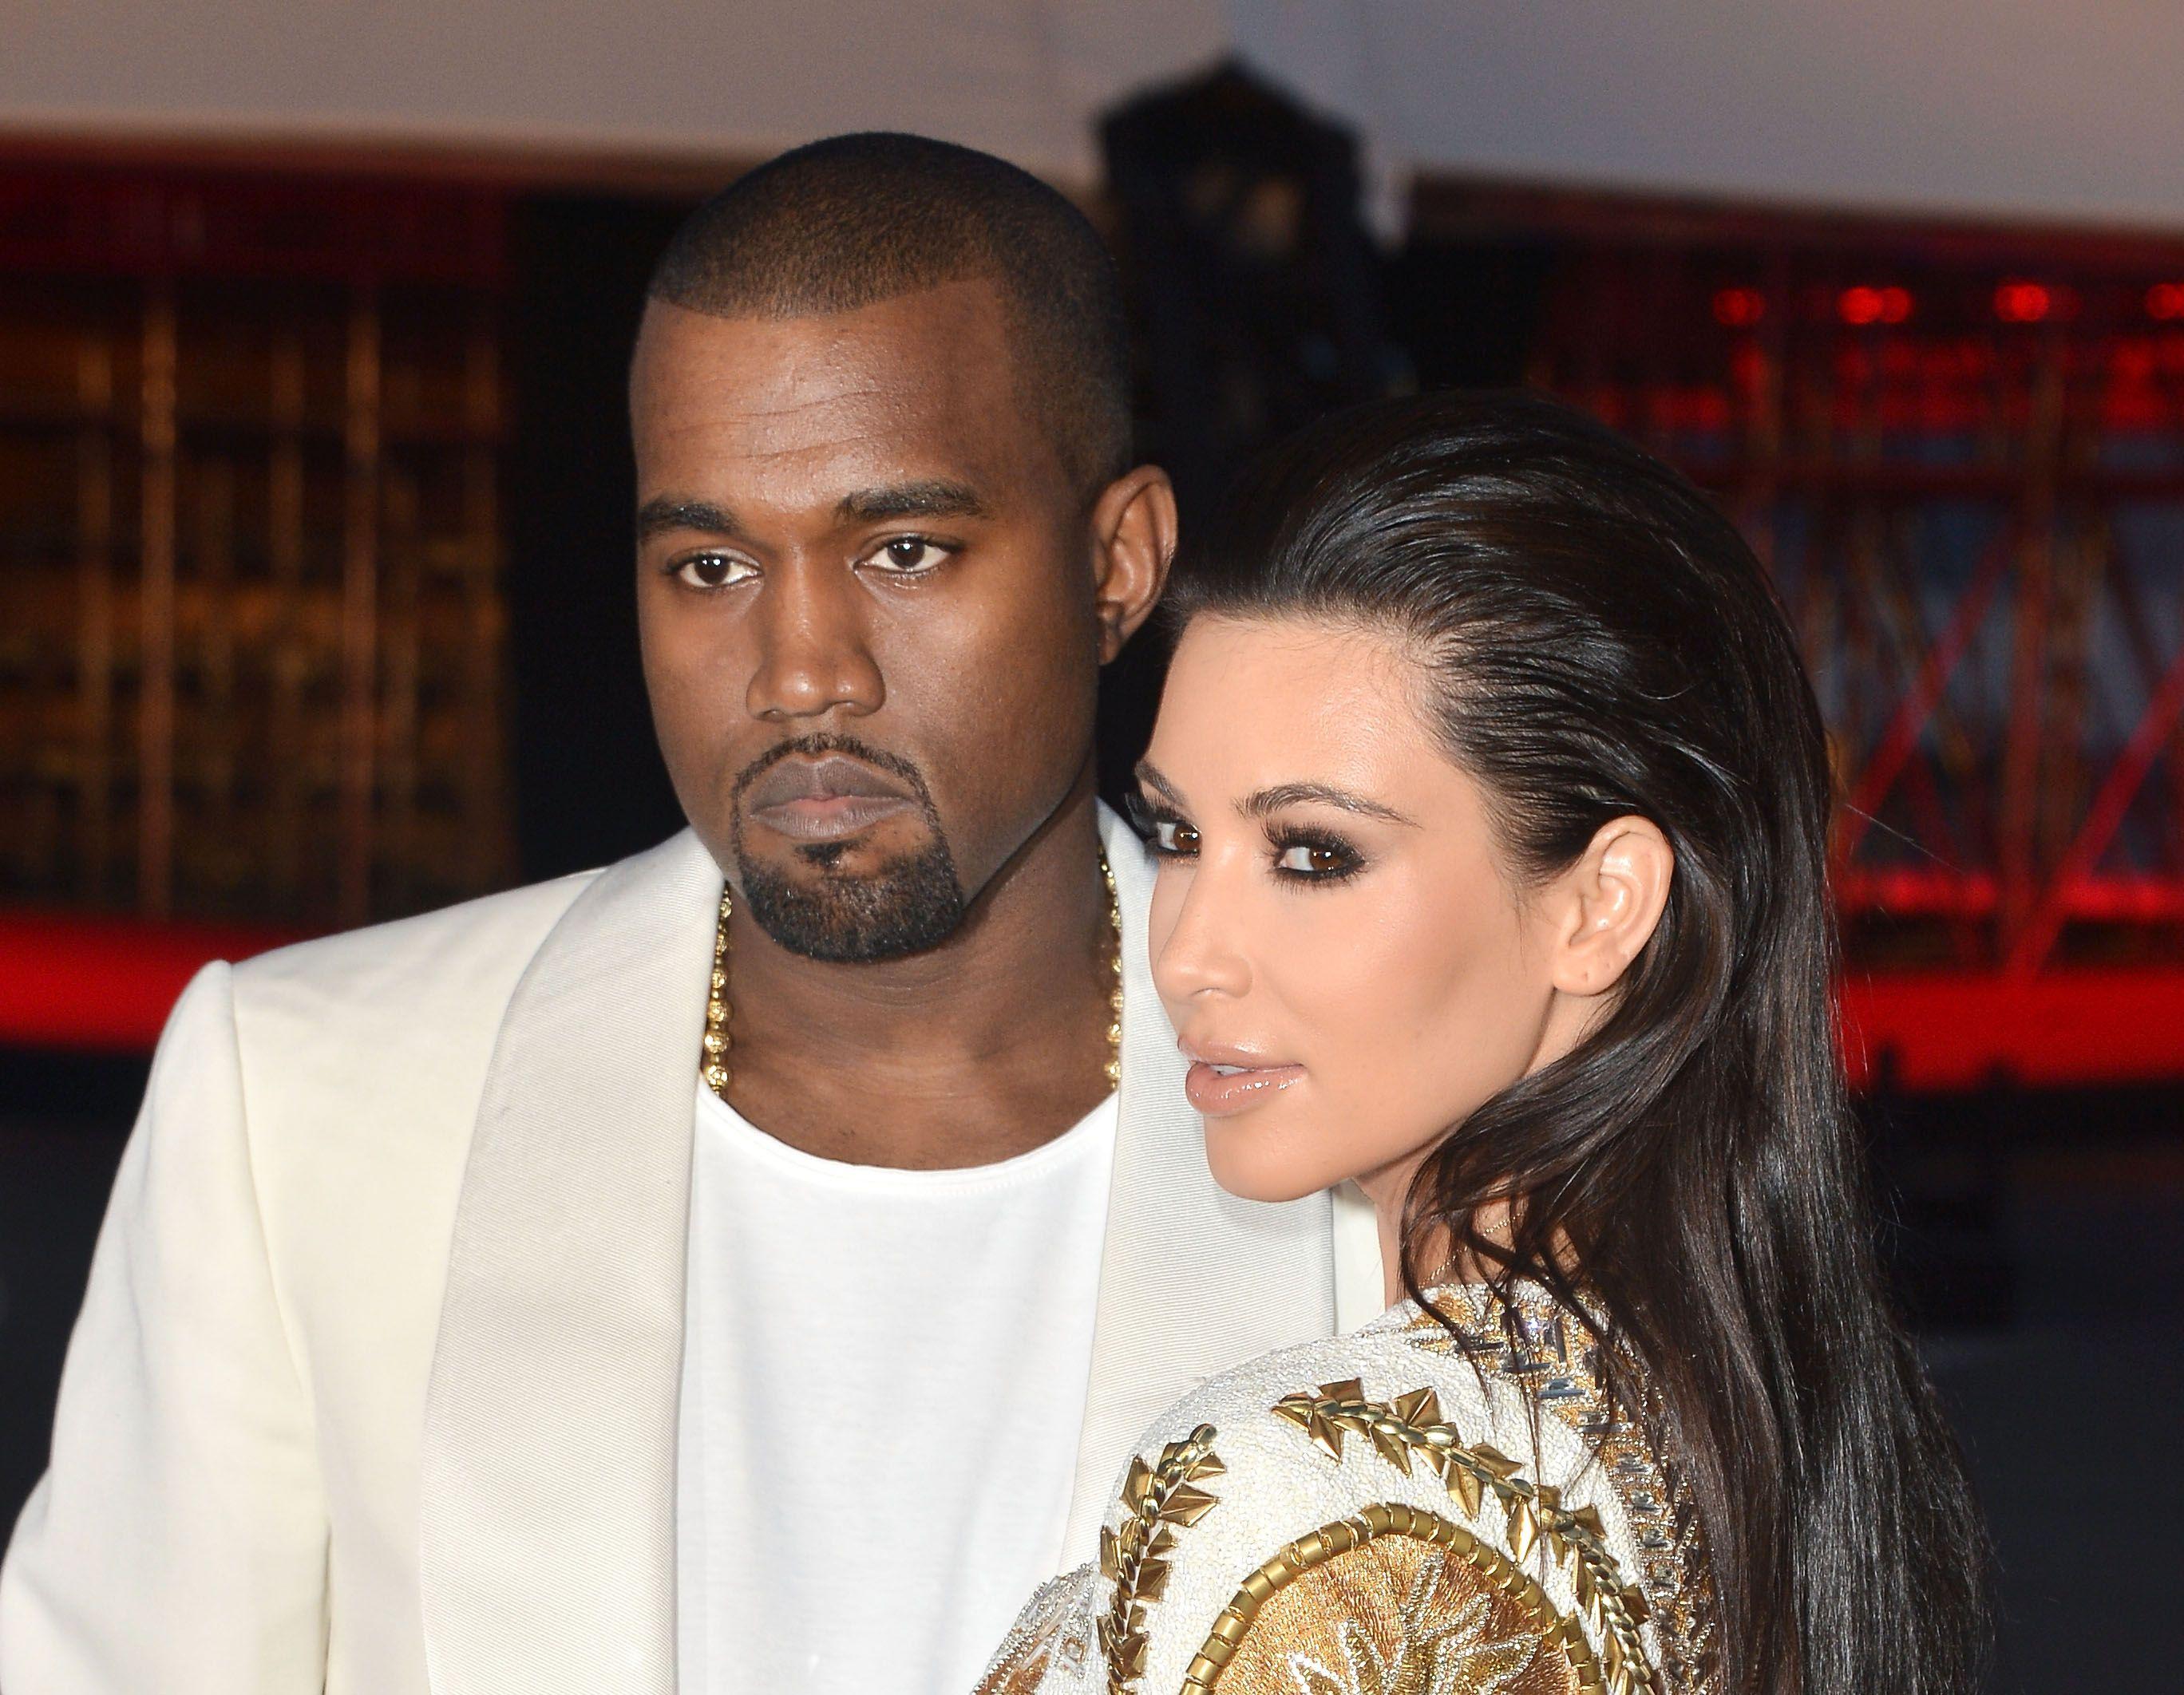 Fenomeno di culto negli USA fin dal 2007, Le Kardashian torna(no) in tv in Italia con Sky: a partire da lunedì 21 ottobre alle 18.45, e in striscia.